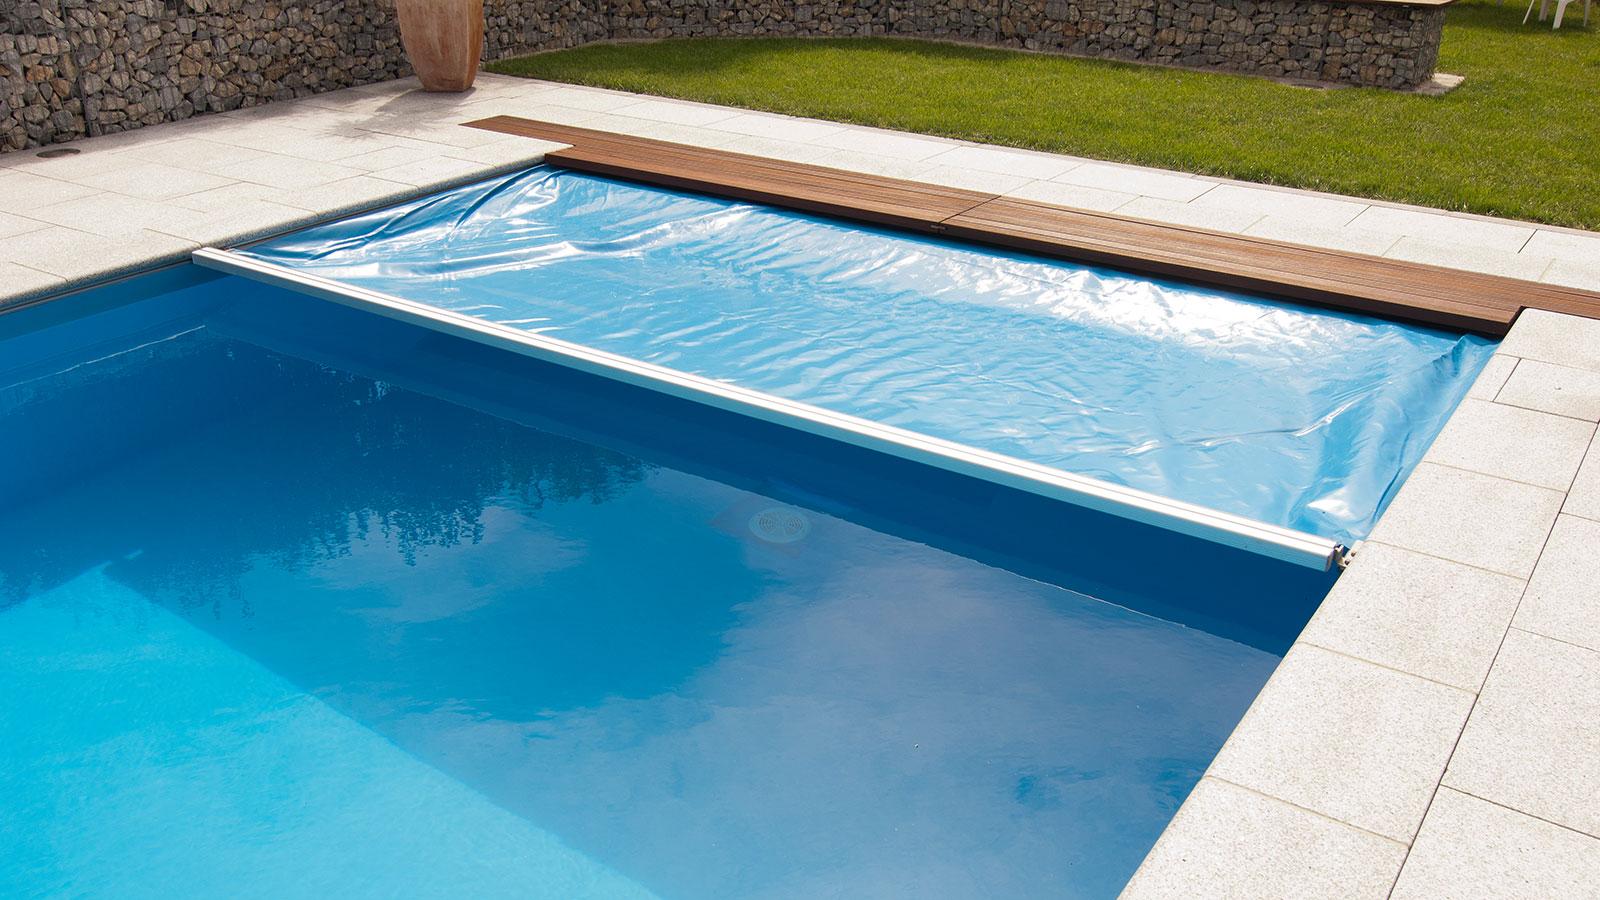 Regenwasser für pool. ᐅ Das Regenwasser für den Pool verwenden? ++ ...